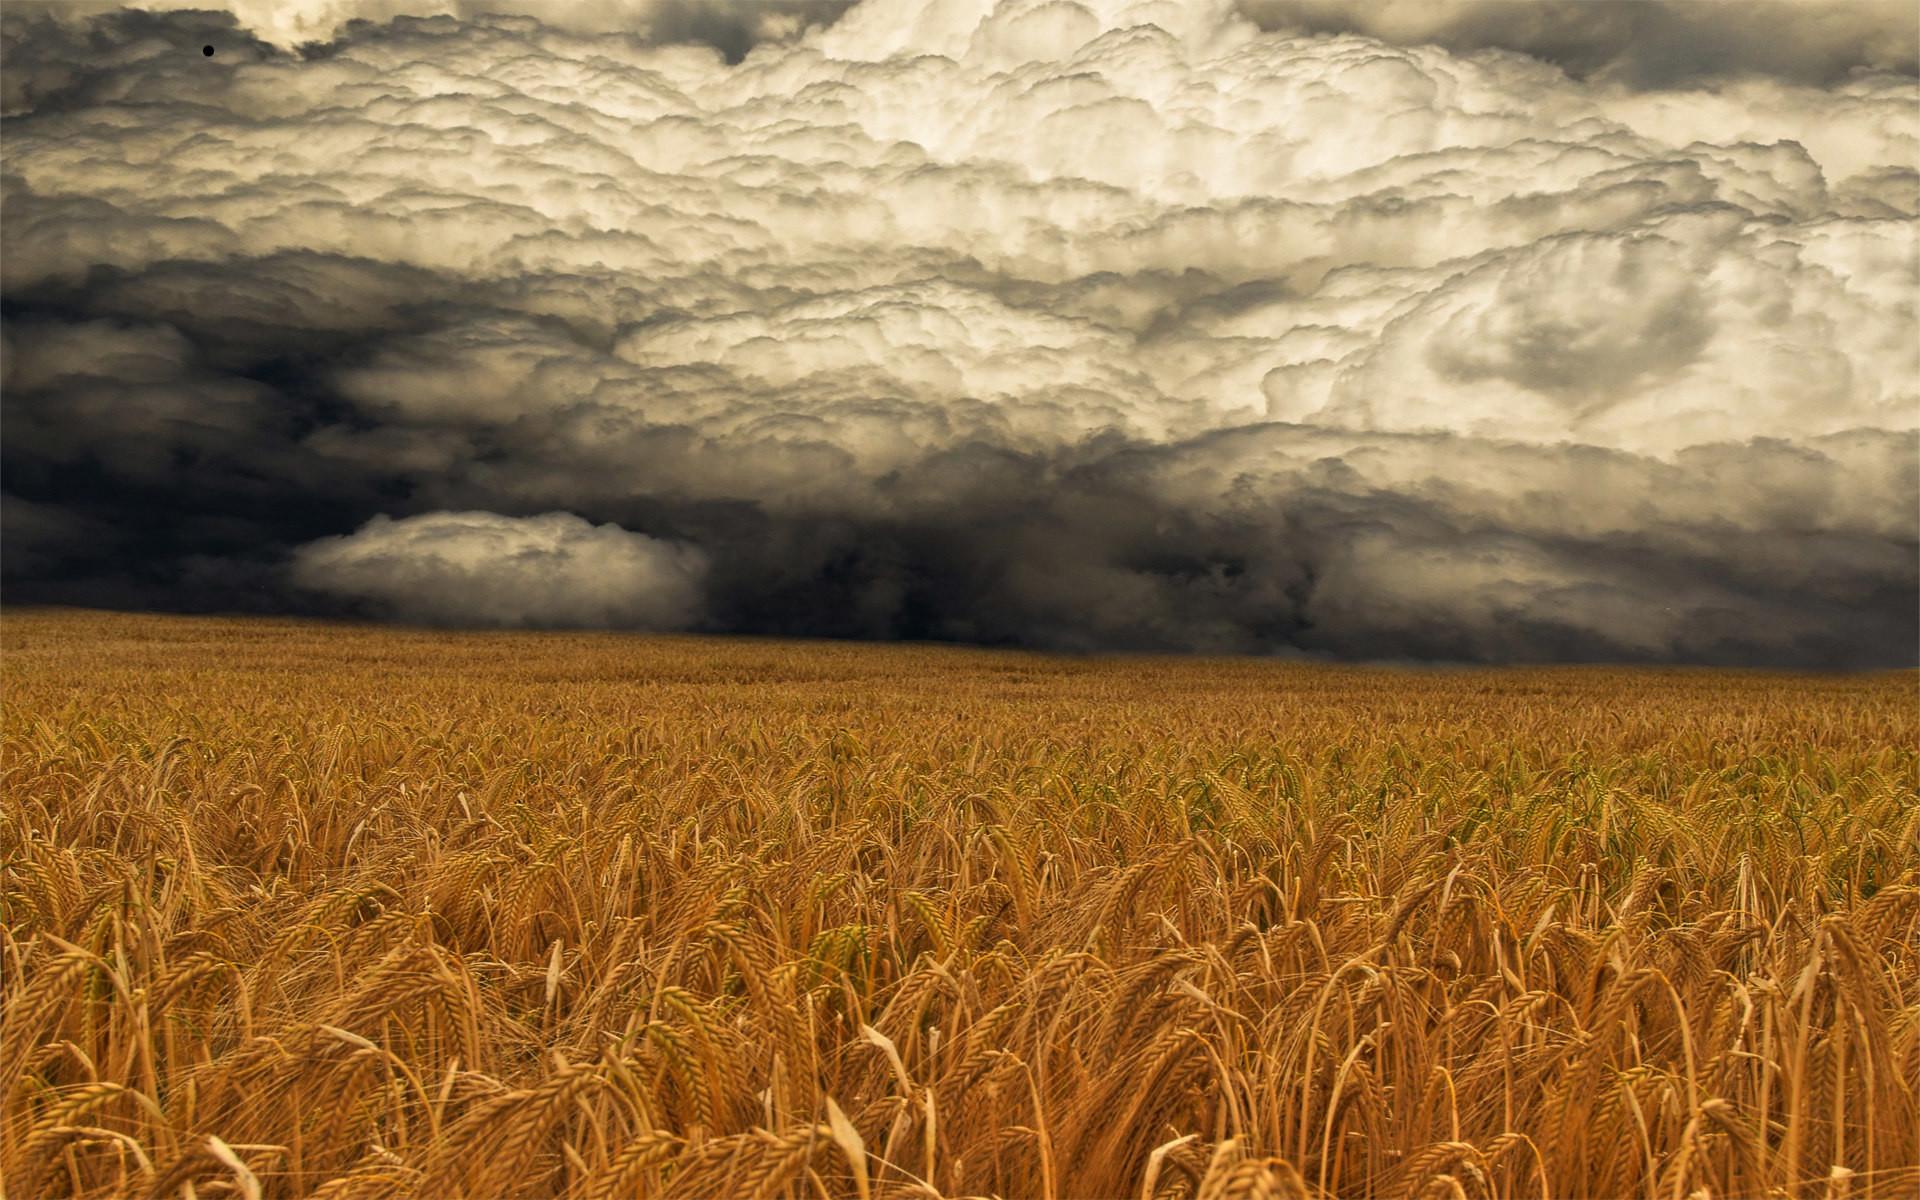 Download: A Storm Coming HD Wallpaper